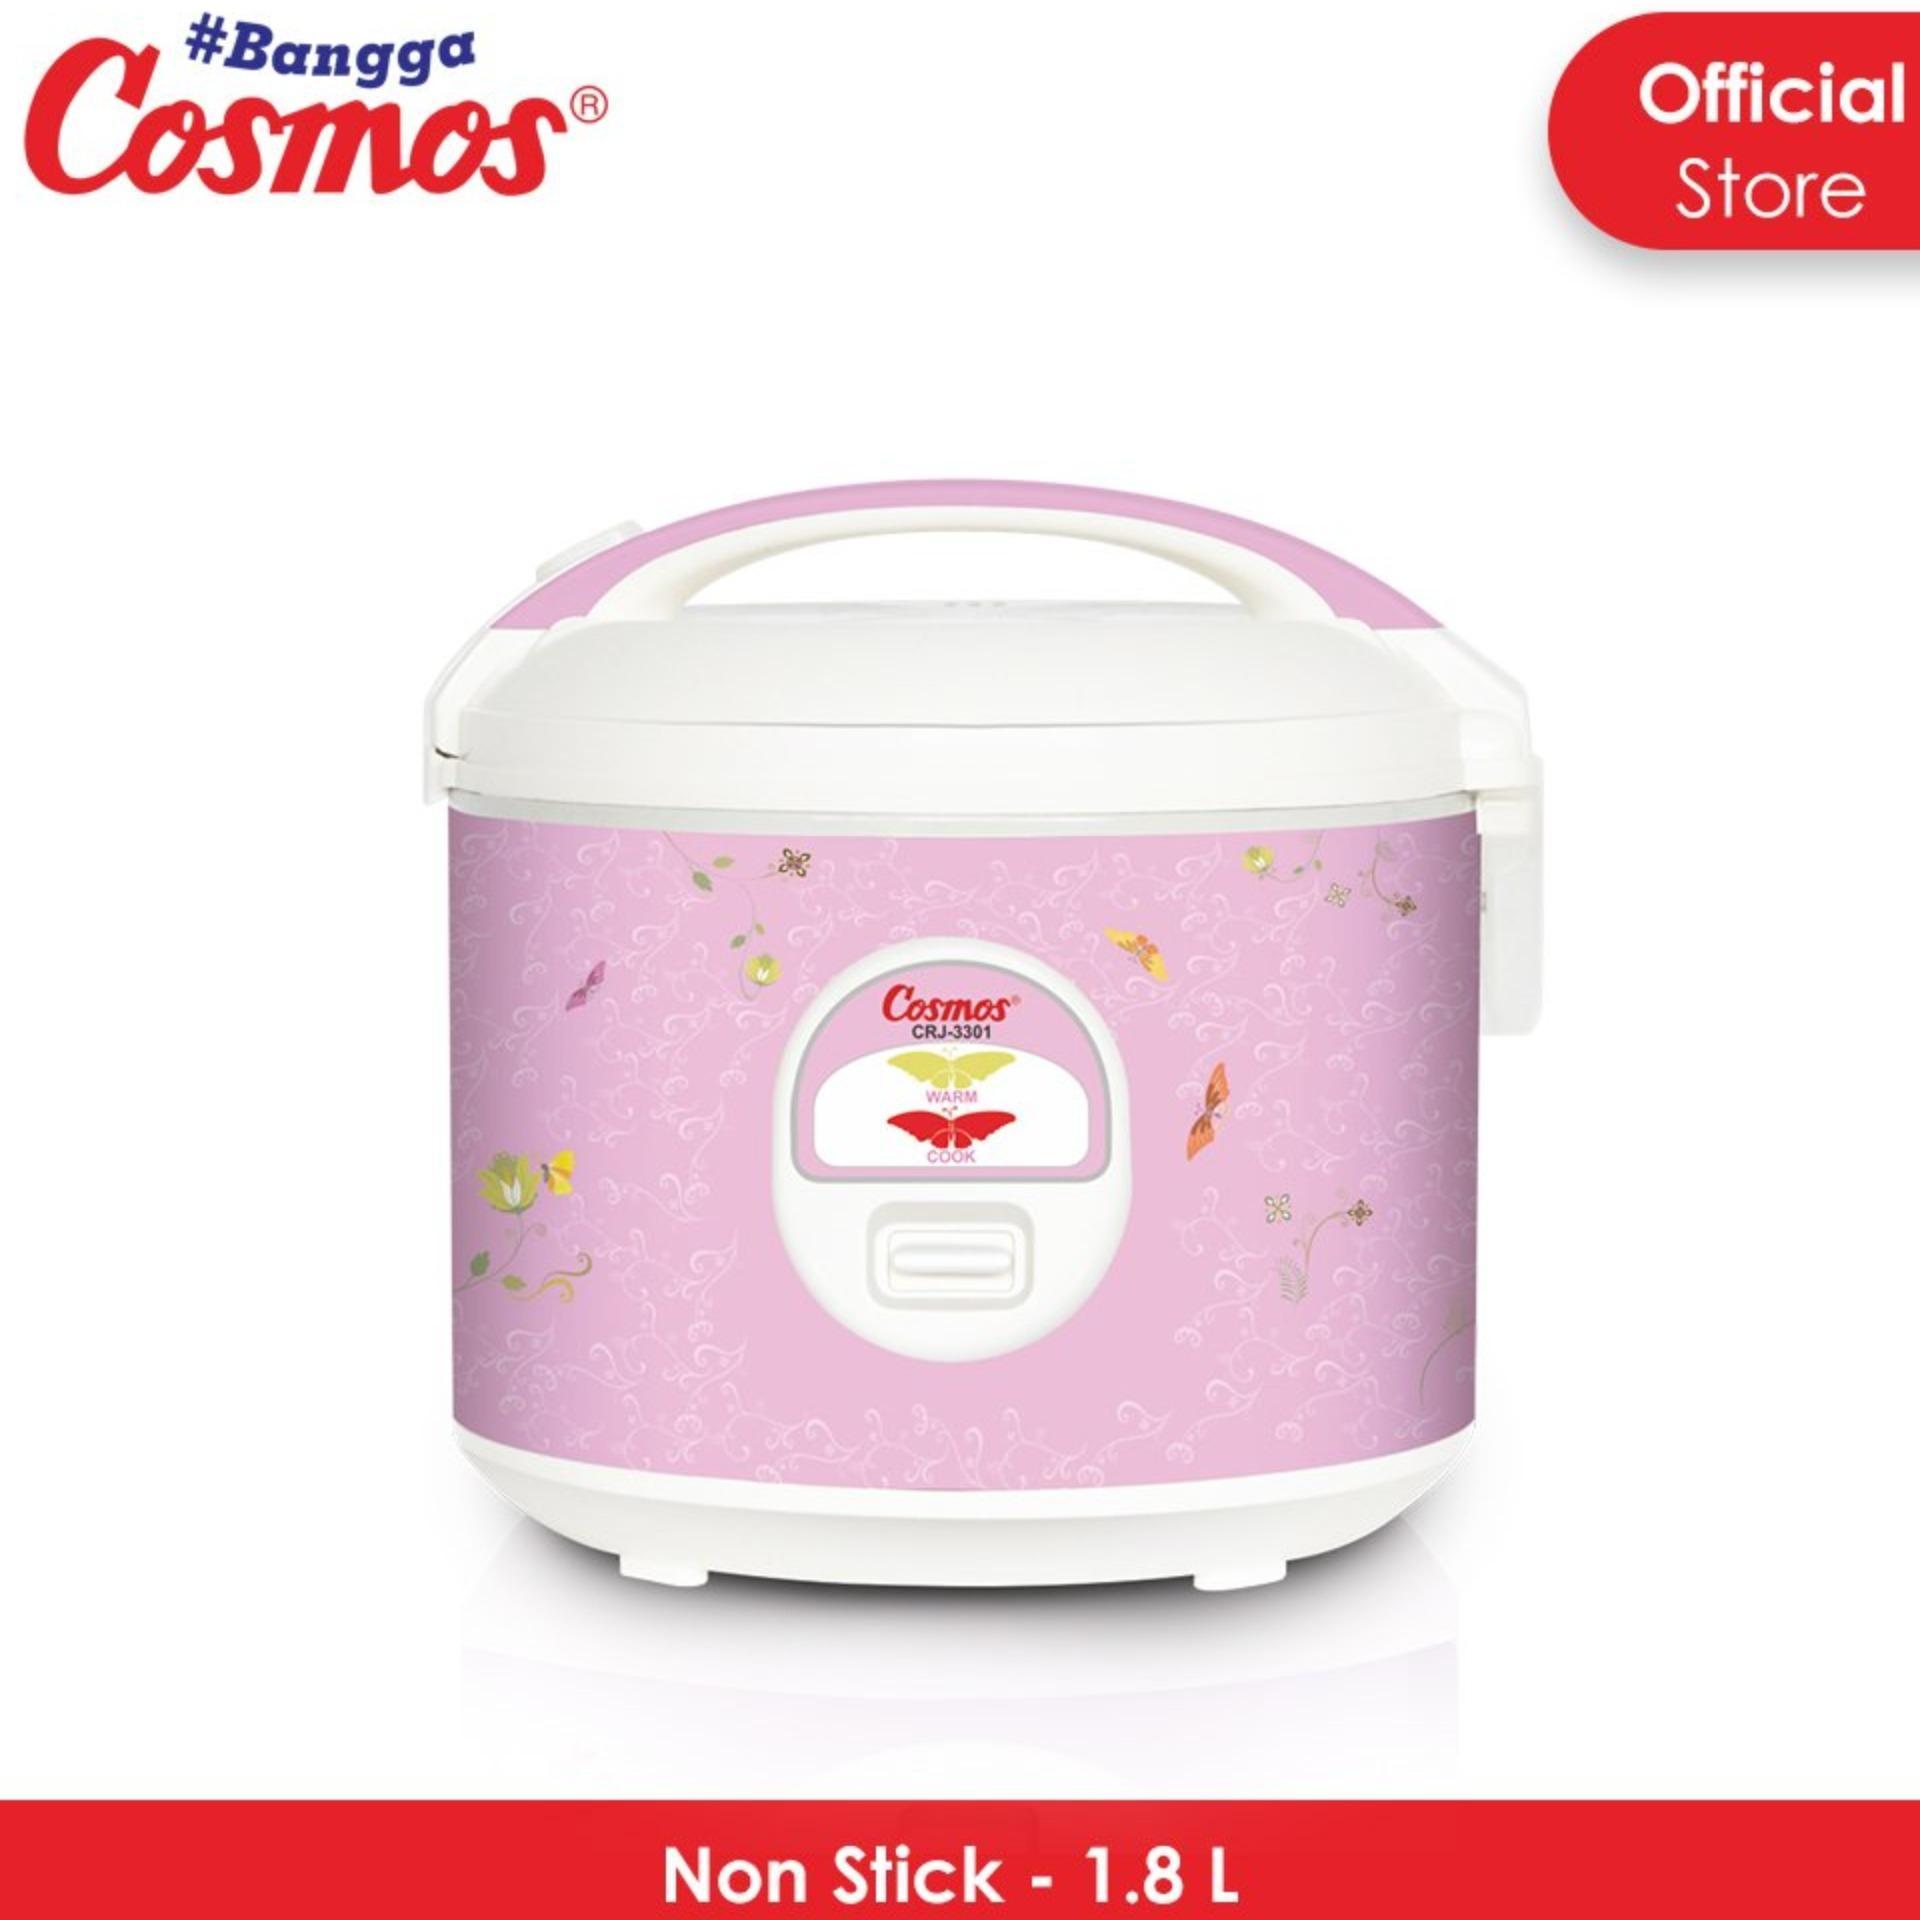 Cosmos Rice Cooker 1.8 Liter 3 in 1 - CRJ3301 - FREE ONGKIR Jabodetabek